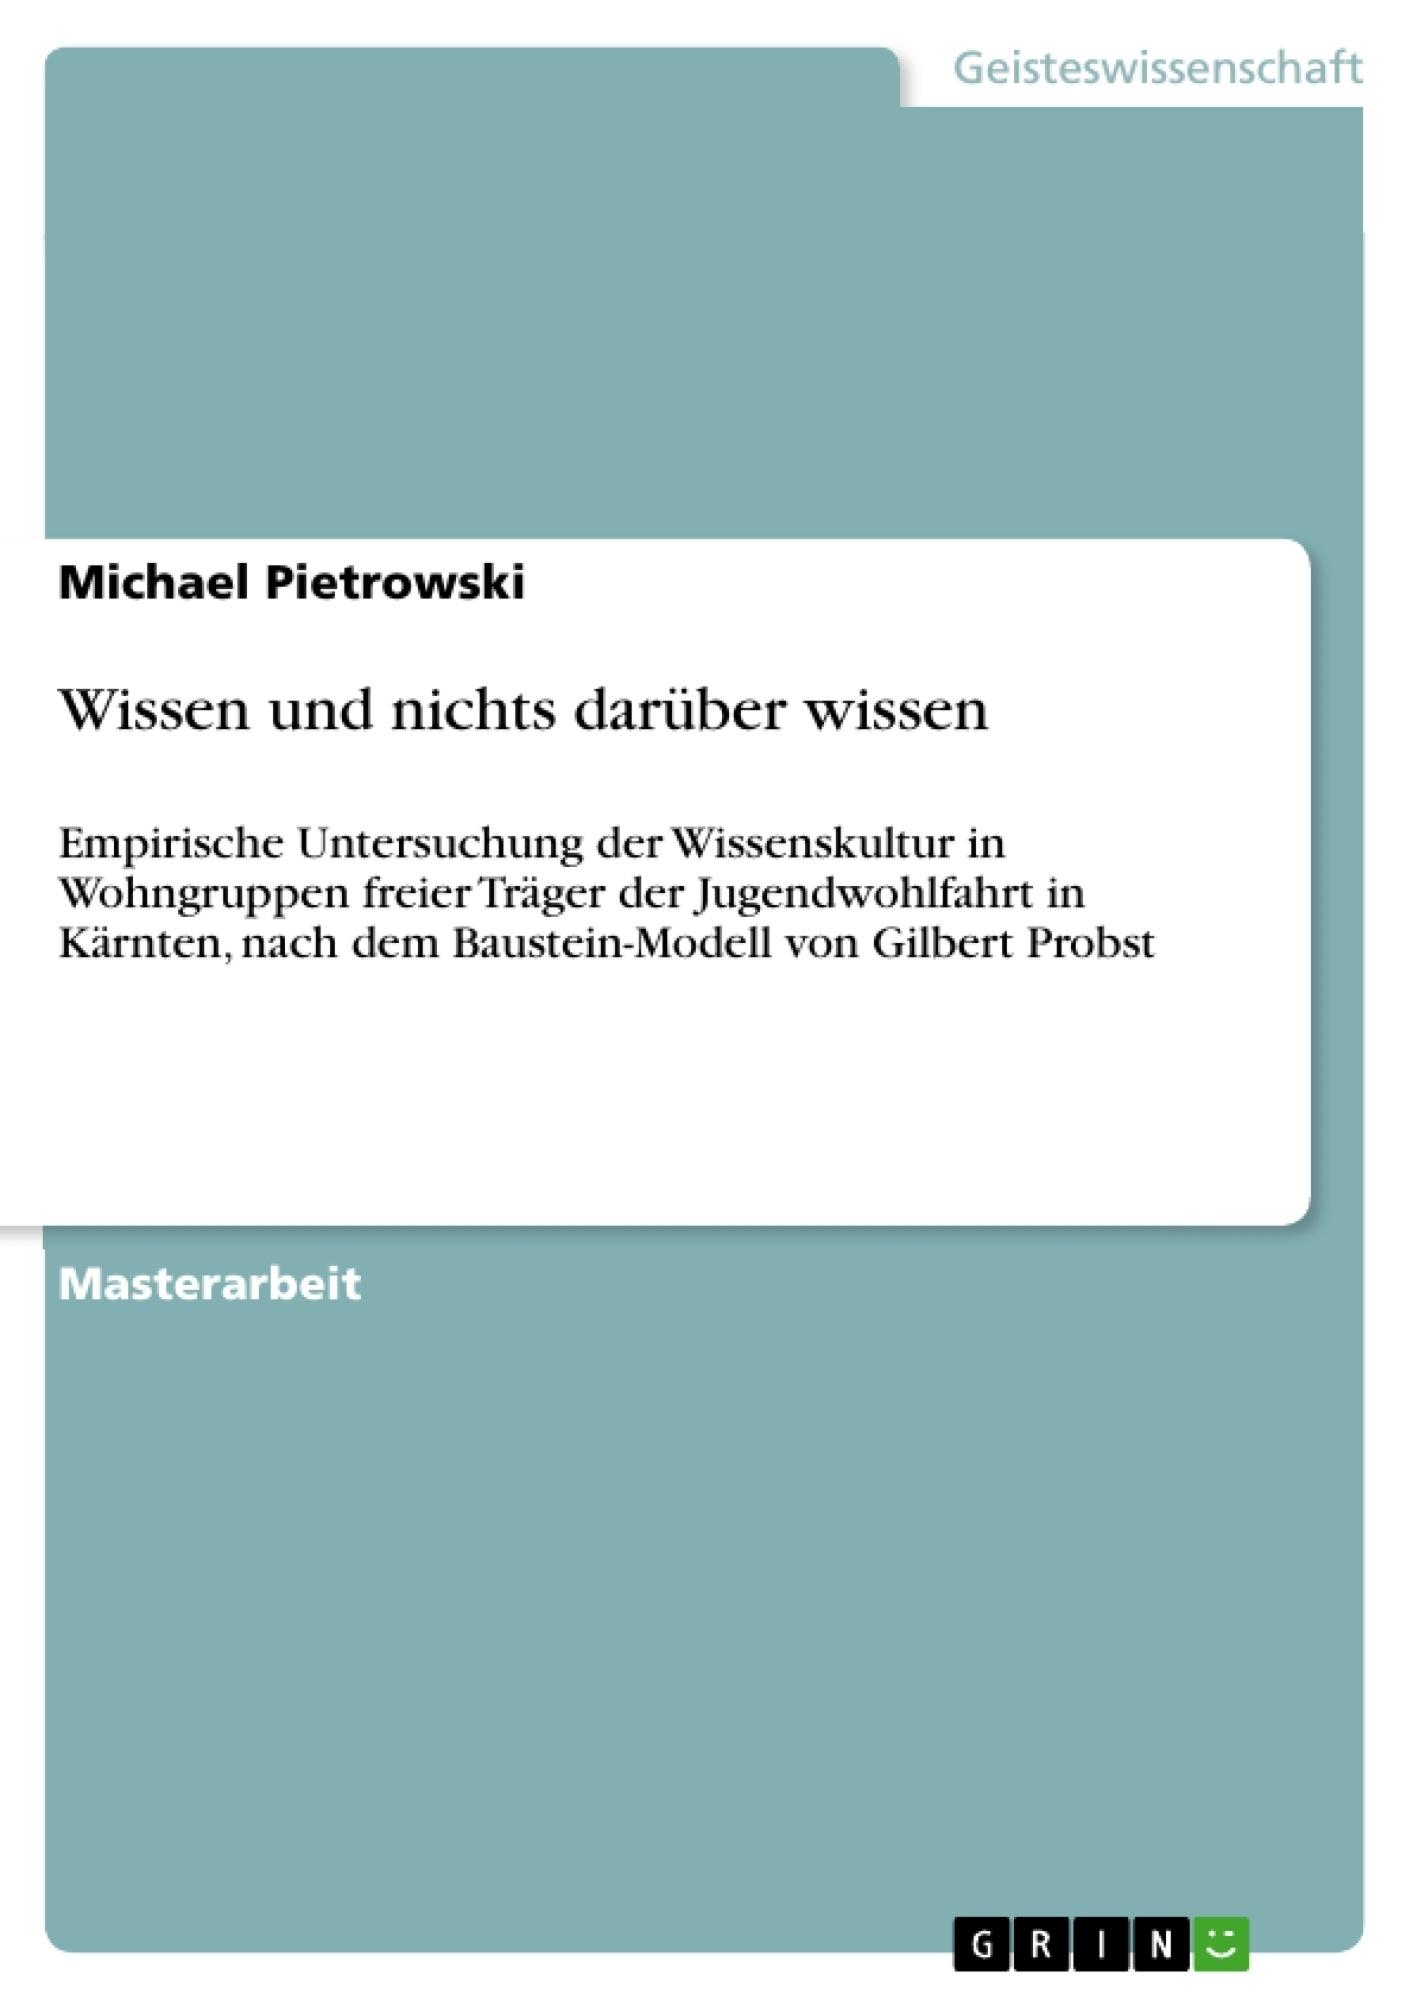 Titel: Wissen und nichts darüber wissen